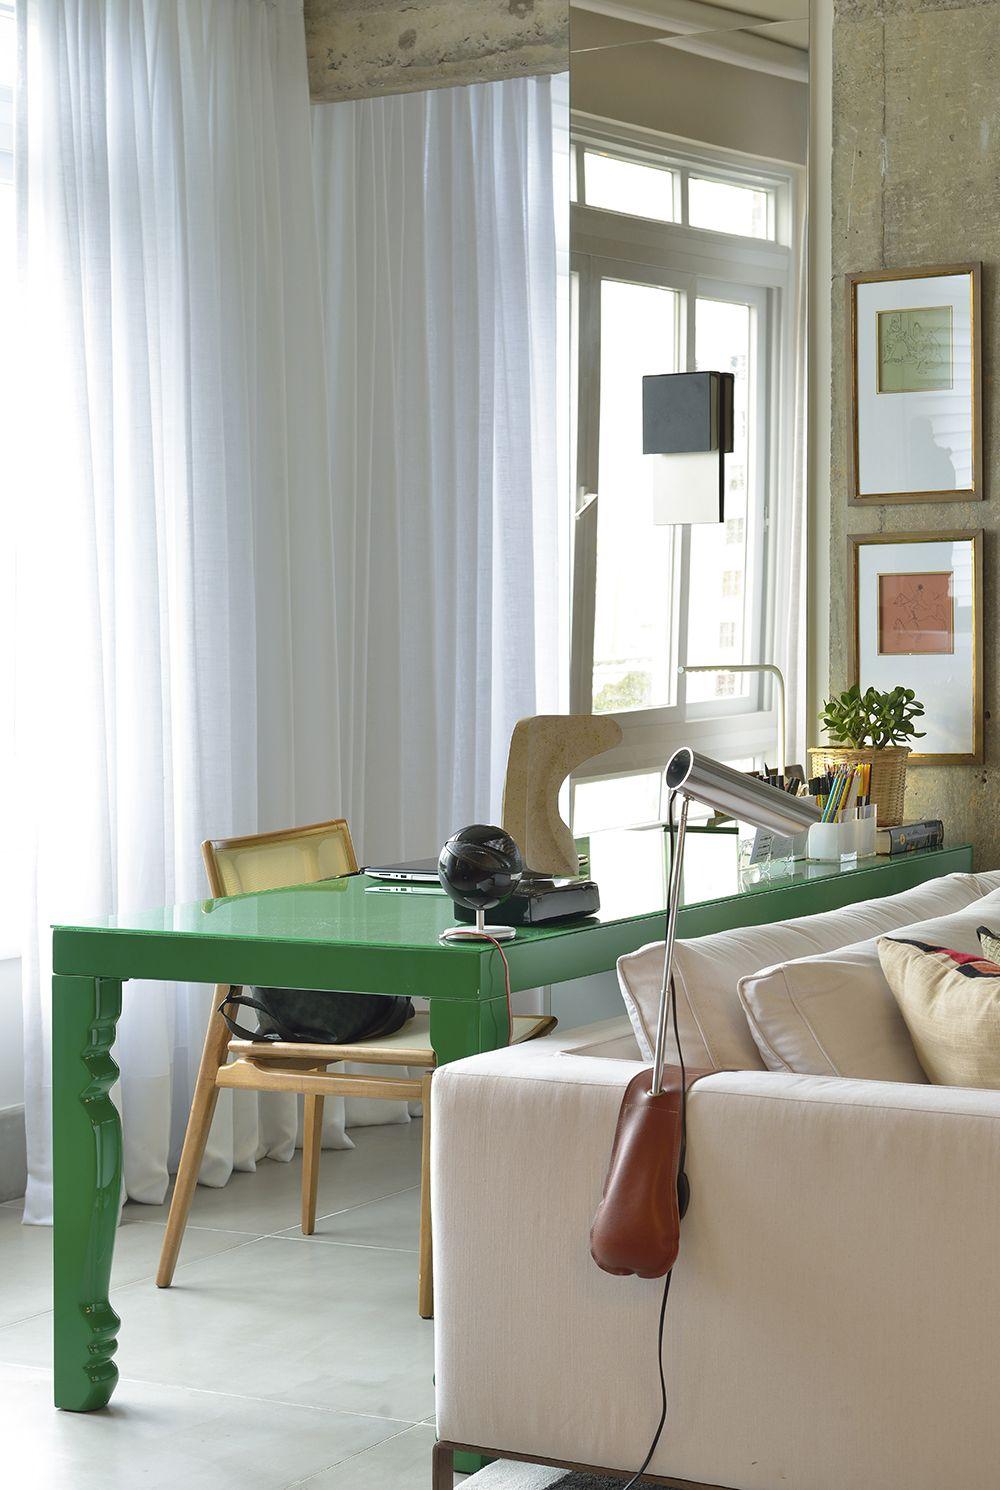 Mesa De Trabalho Verde Atr S Do Sof Home Office Pinterest